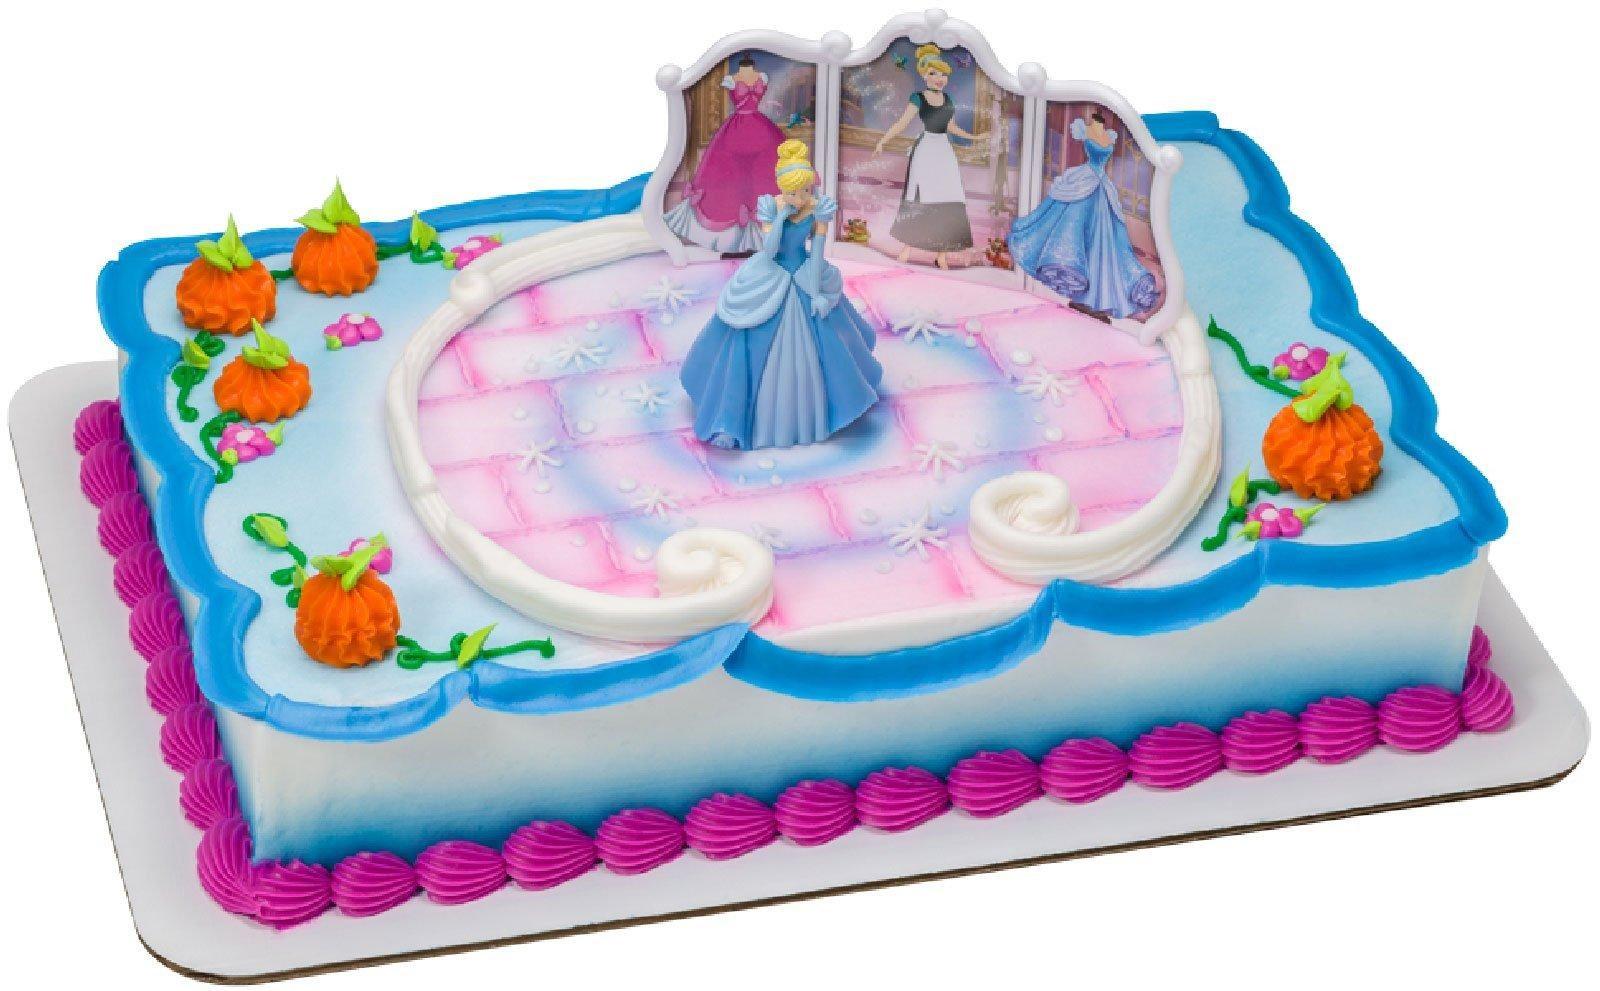 Cinderella Ice Cream Cake